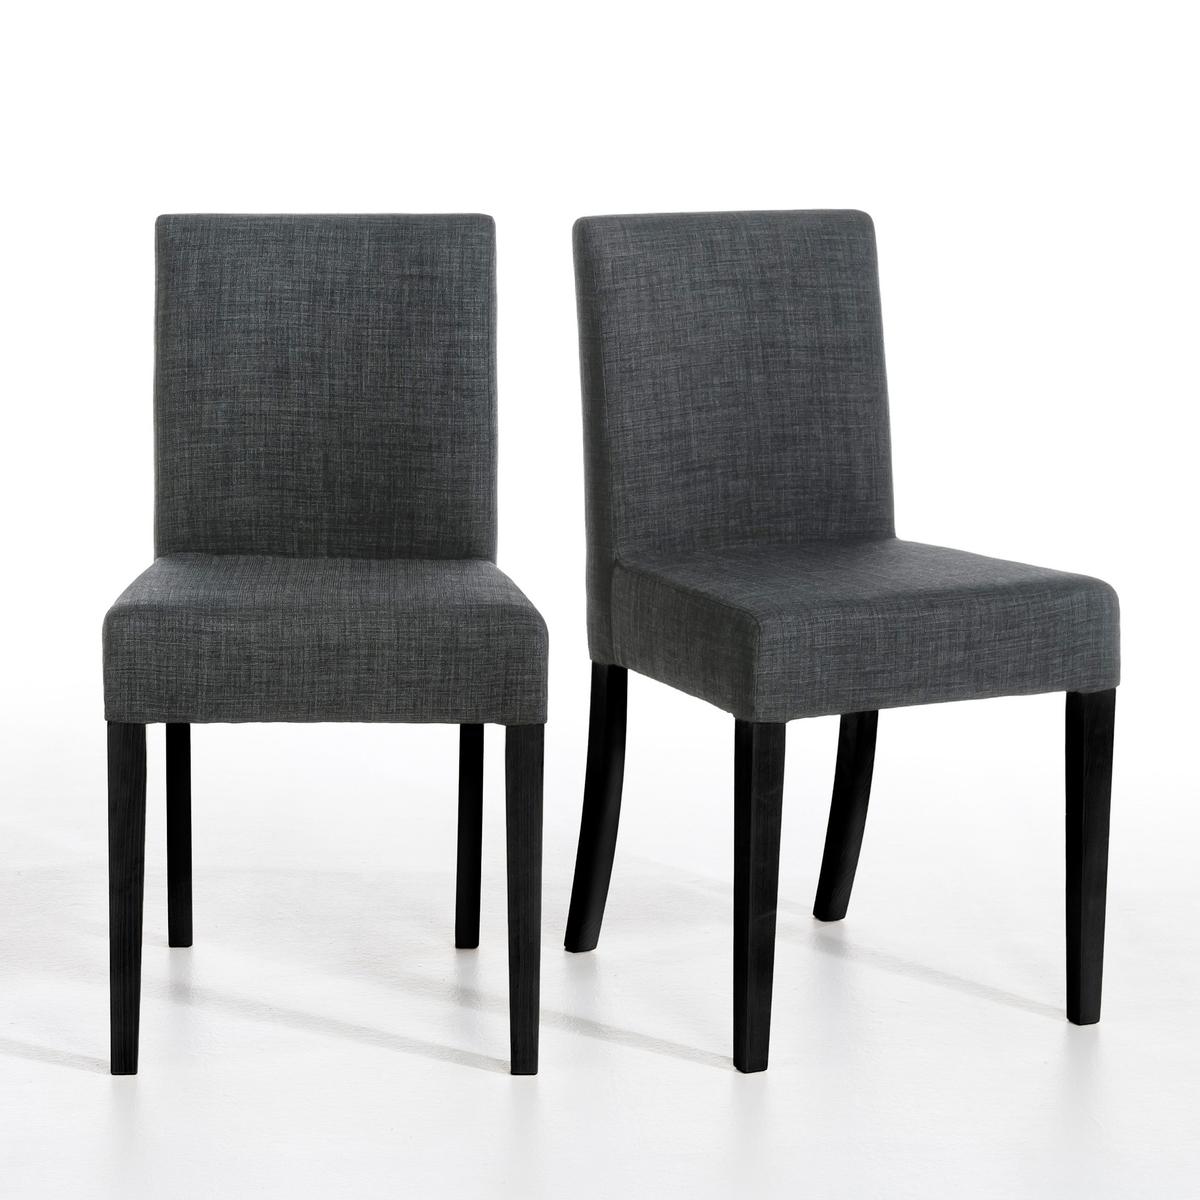 Комплект из 2 стульев из полиэстера Victor